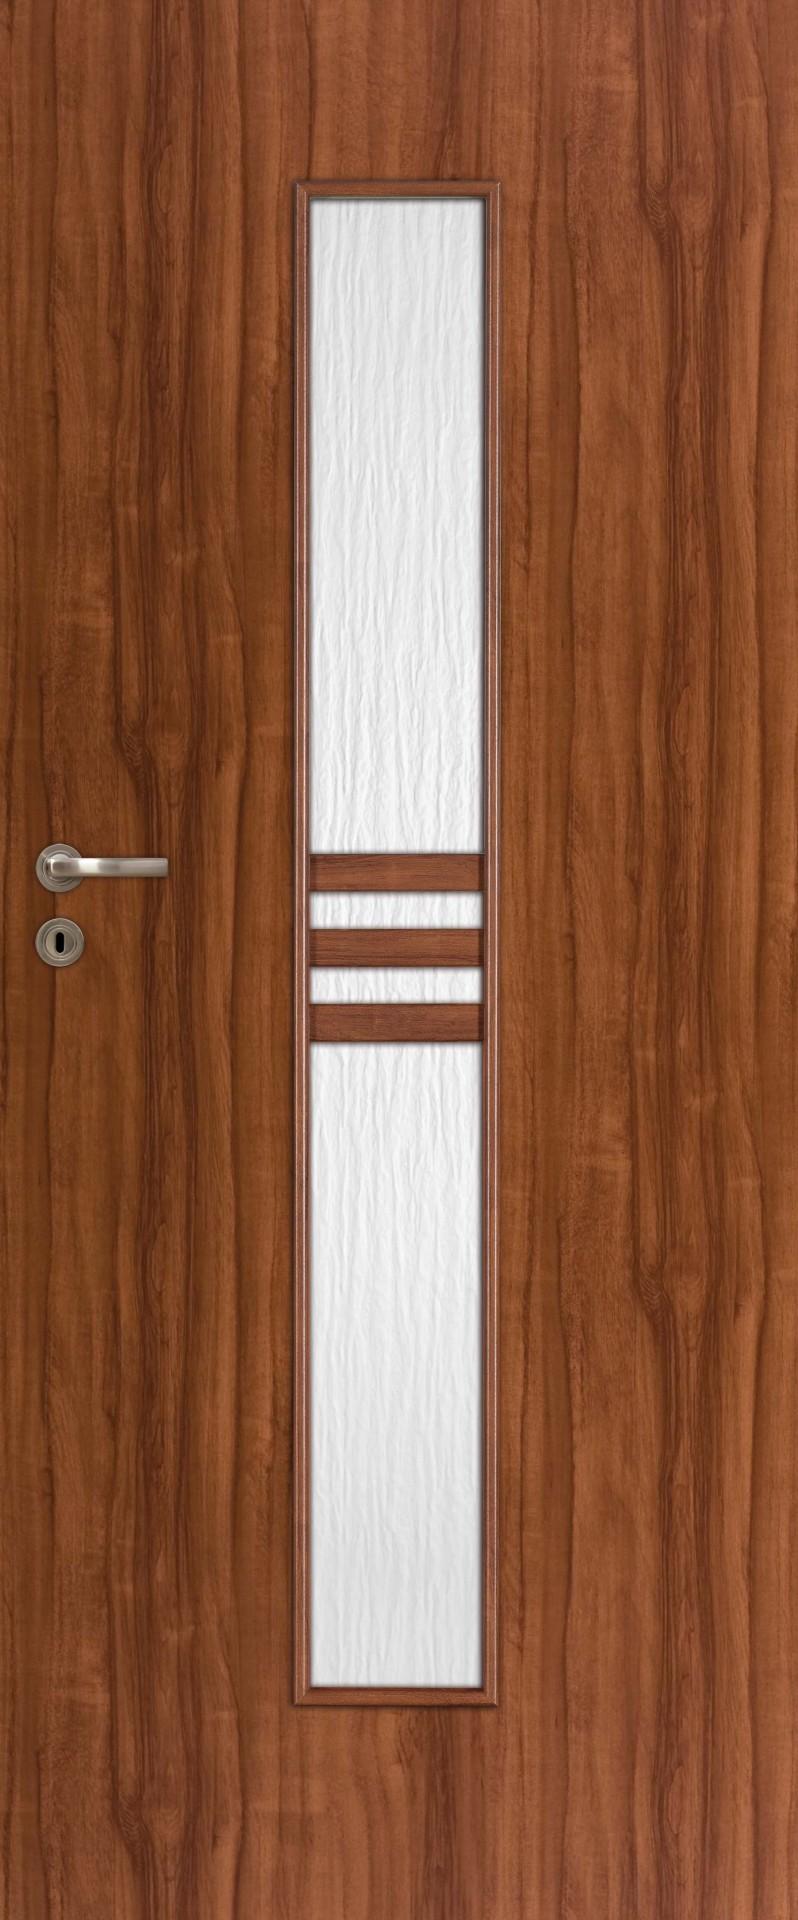 Dre dveře Arte 40, Šíře v cm 90